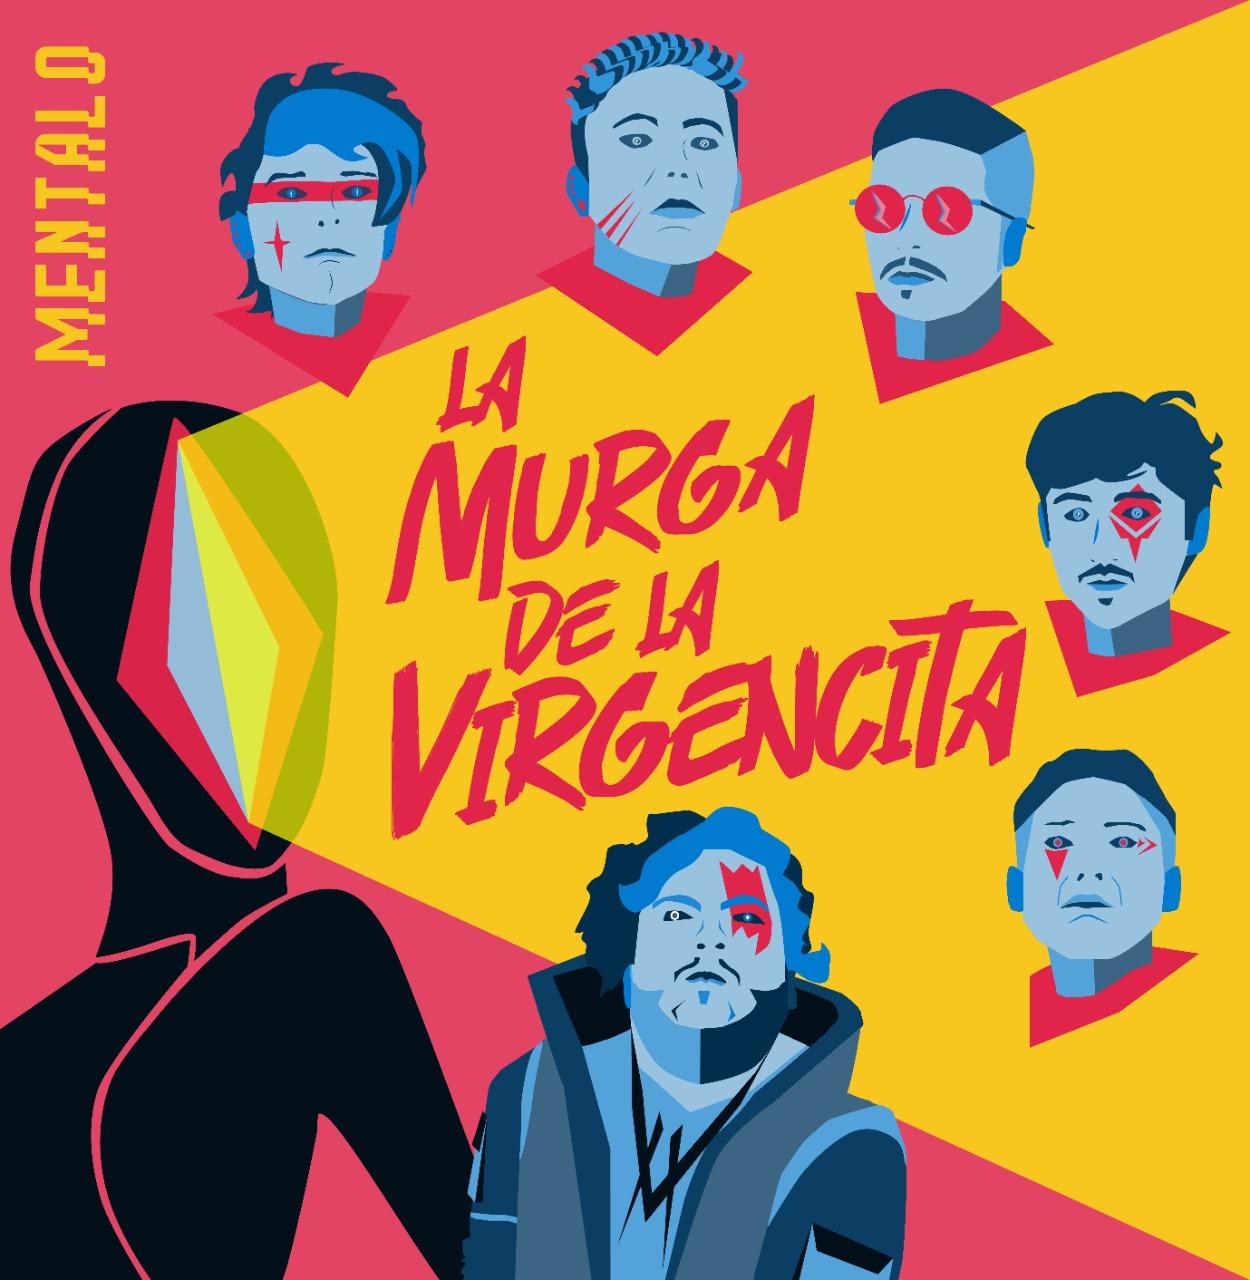 La Murga de la Virgencita - cover Mentalo - OYR